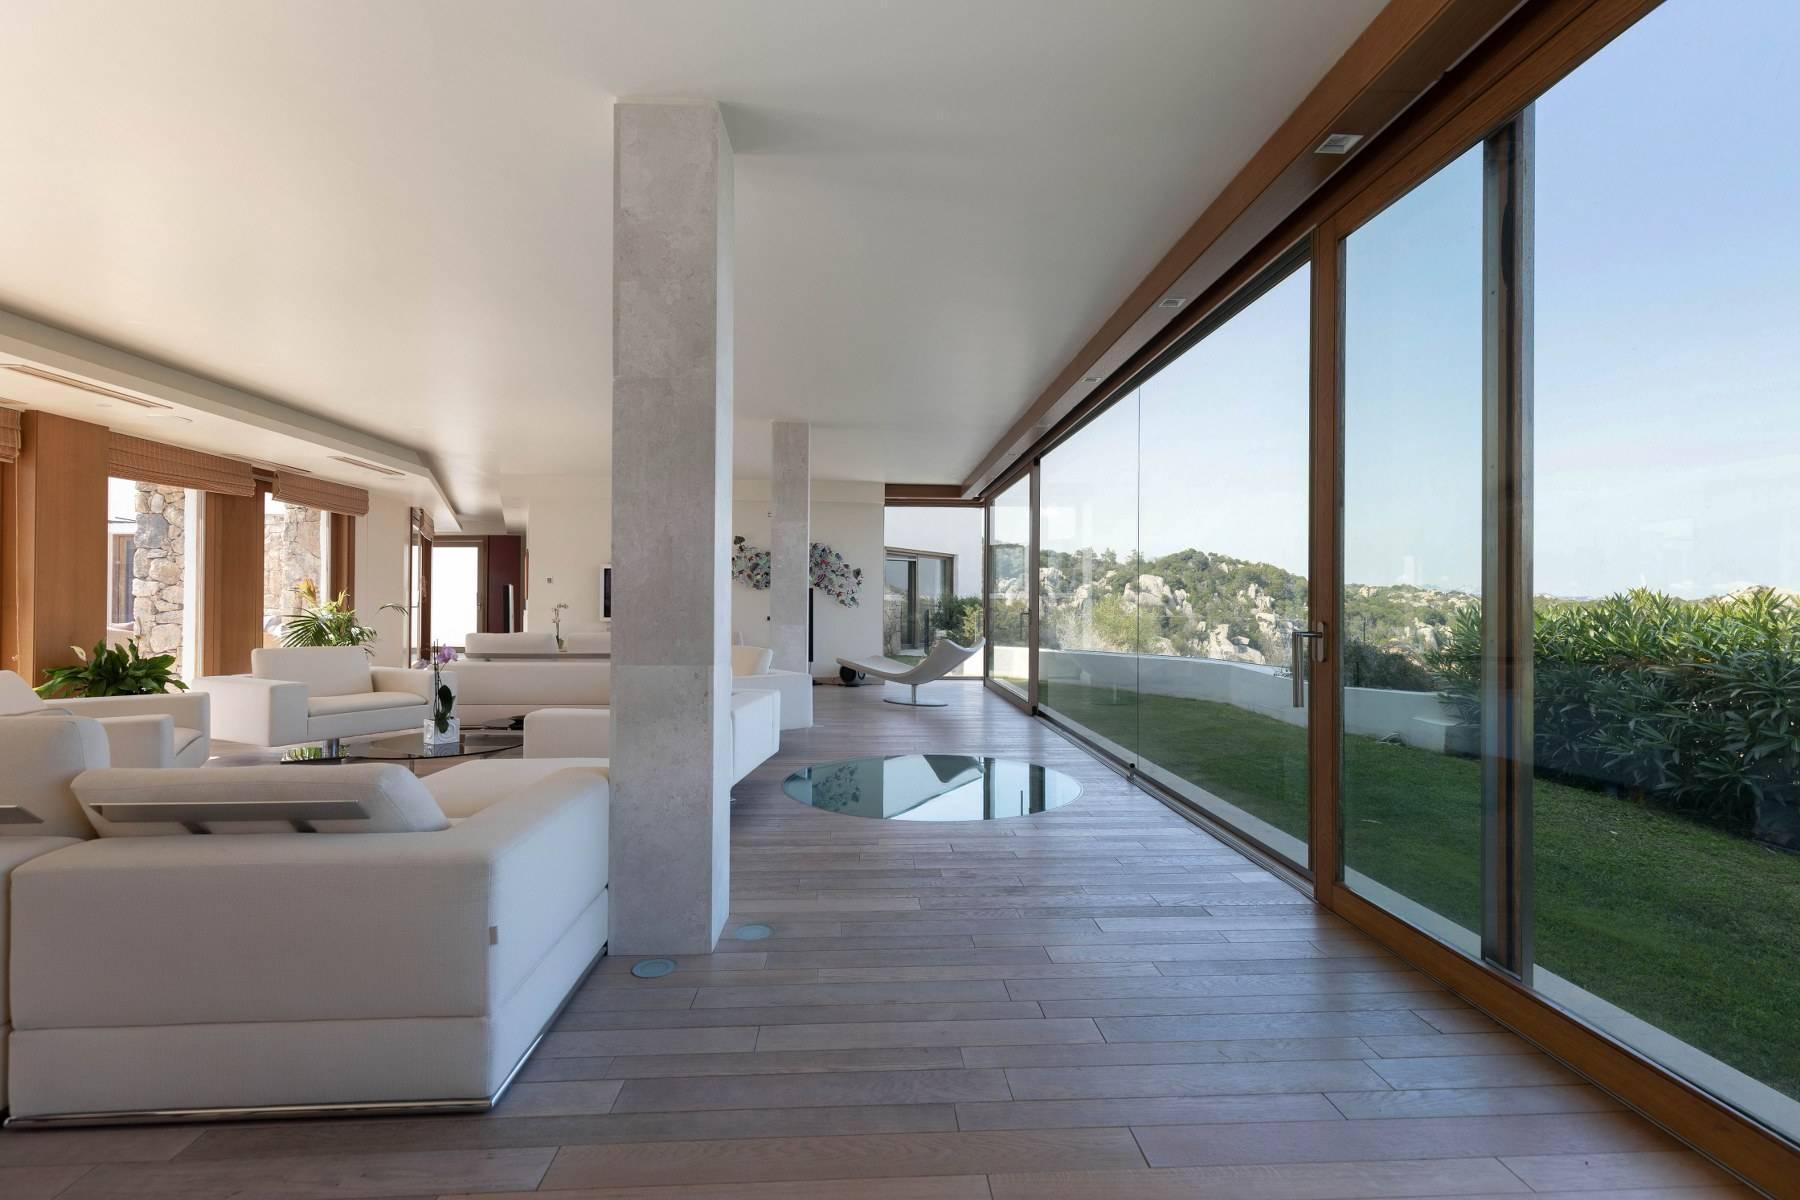 Charming villa in La Miata, Liscia di Vacca - 2